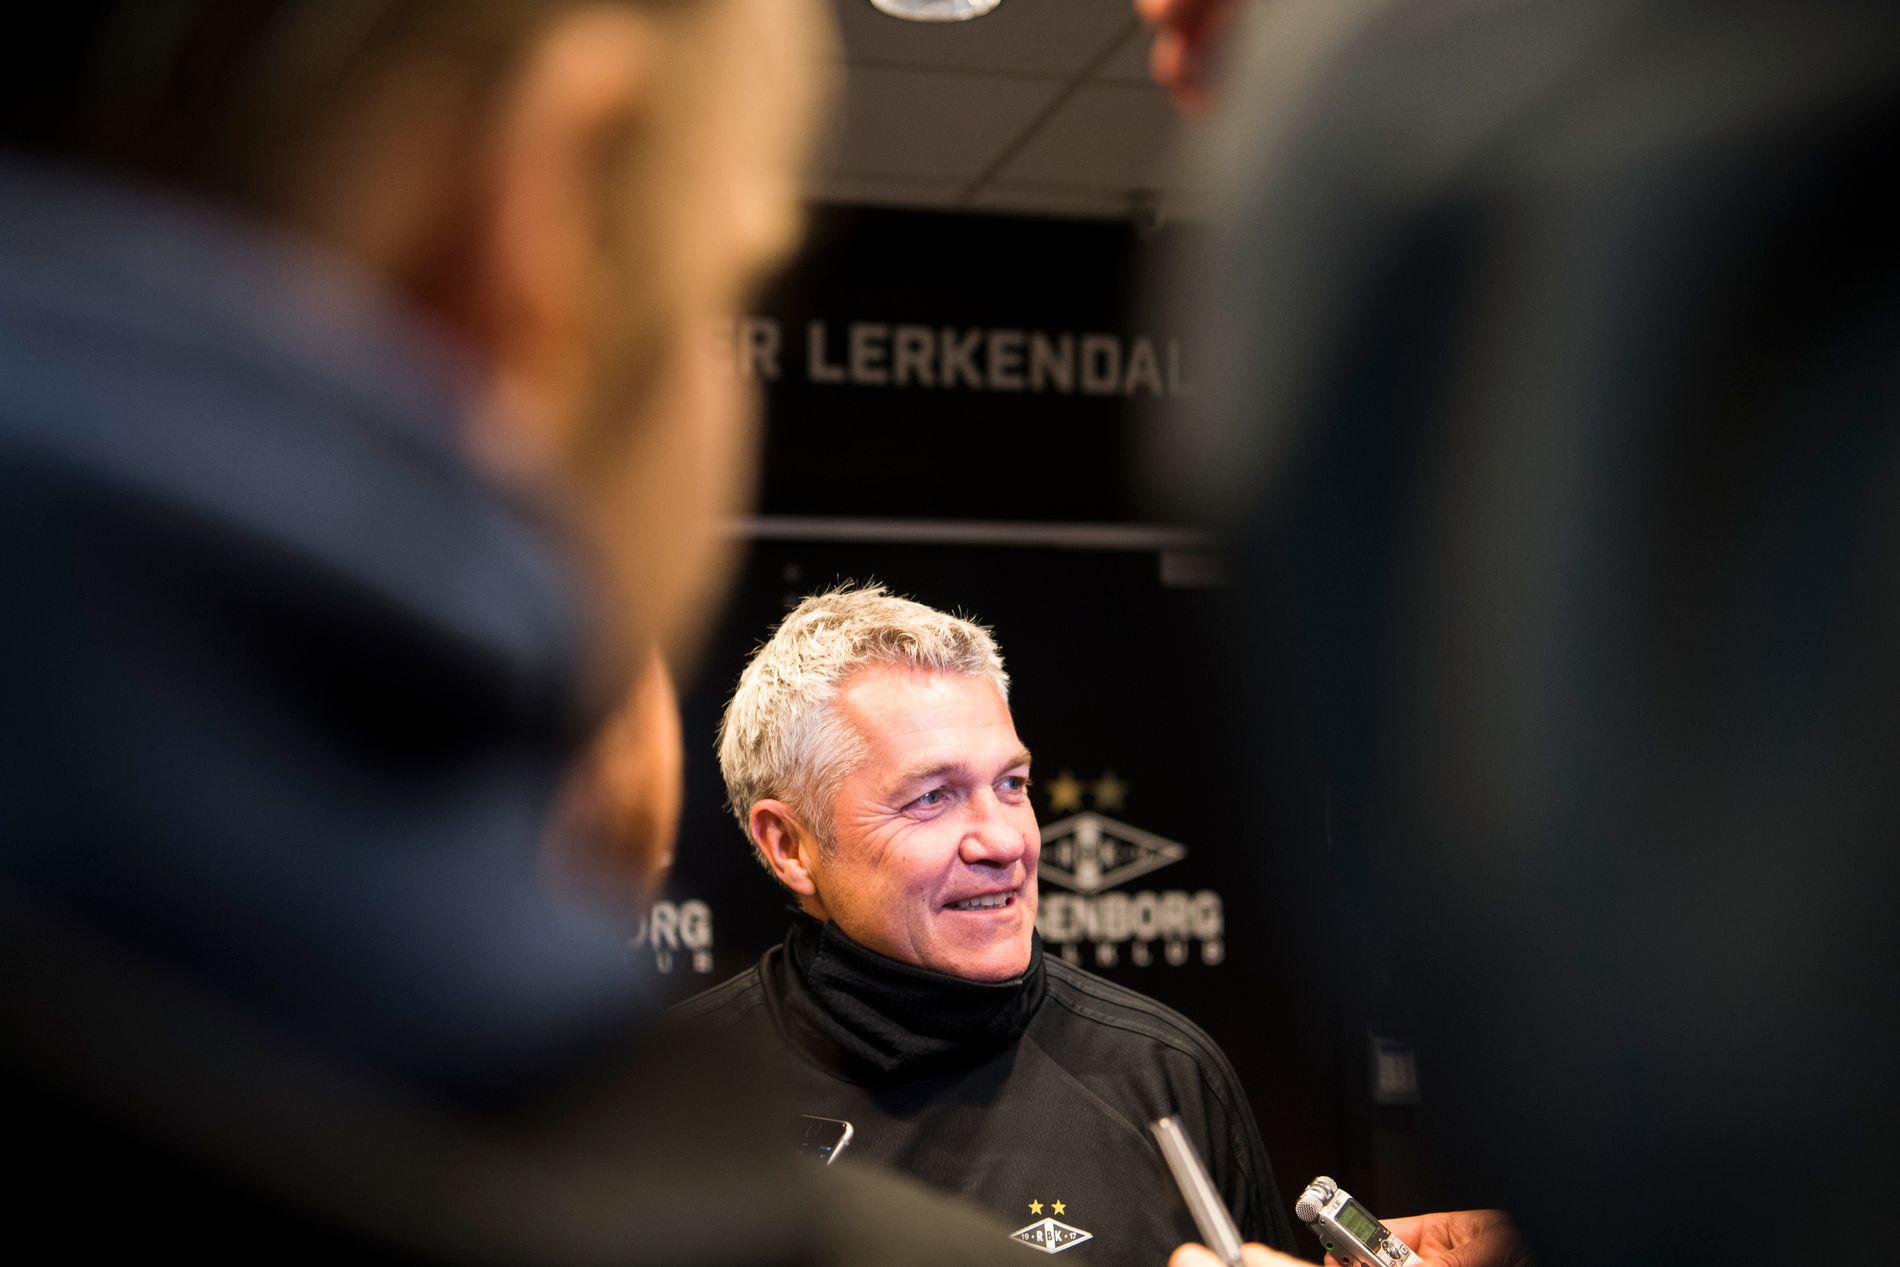 GLAD-KÅRE: Kåre Ingebrigtsen var lettet etter den overbevisende seieren over Molde. Har møter han pressen på Lerkendal.